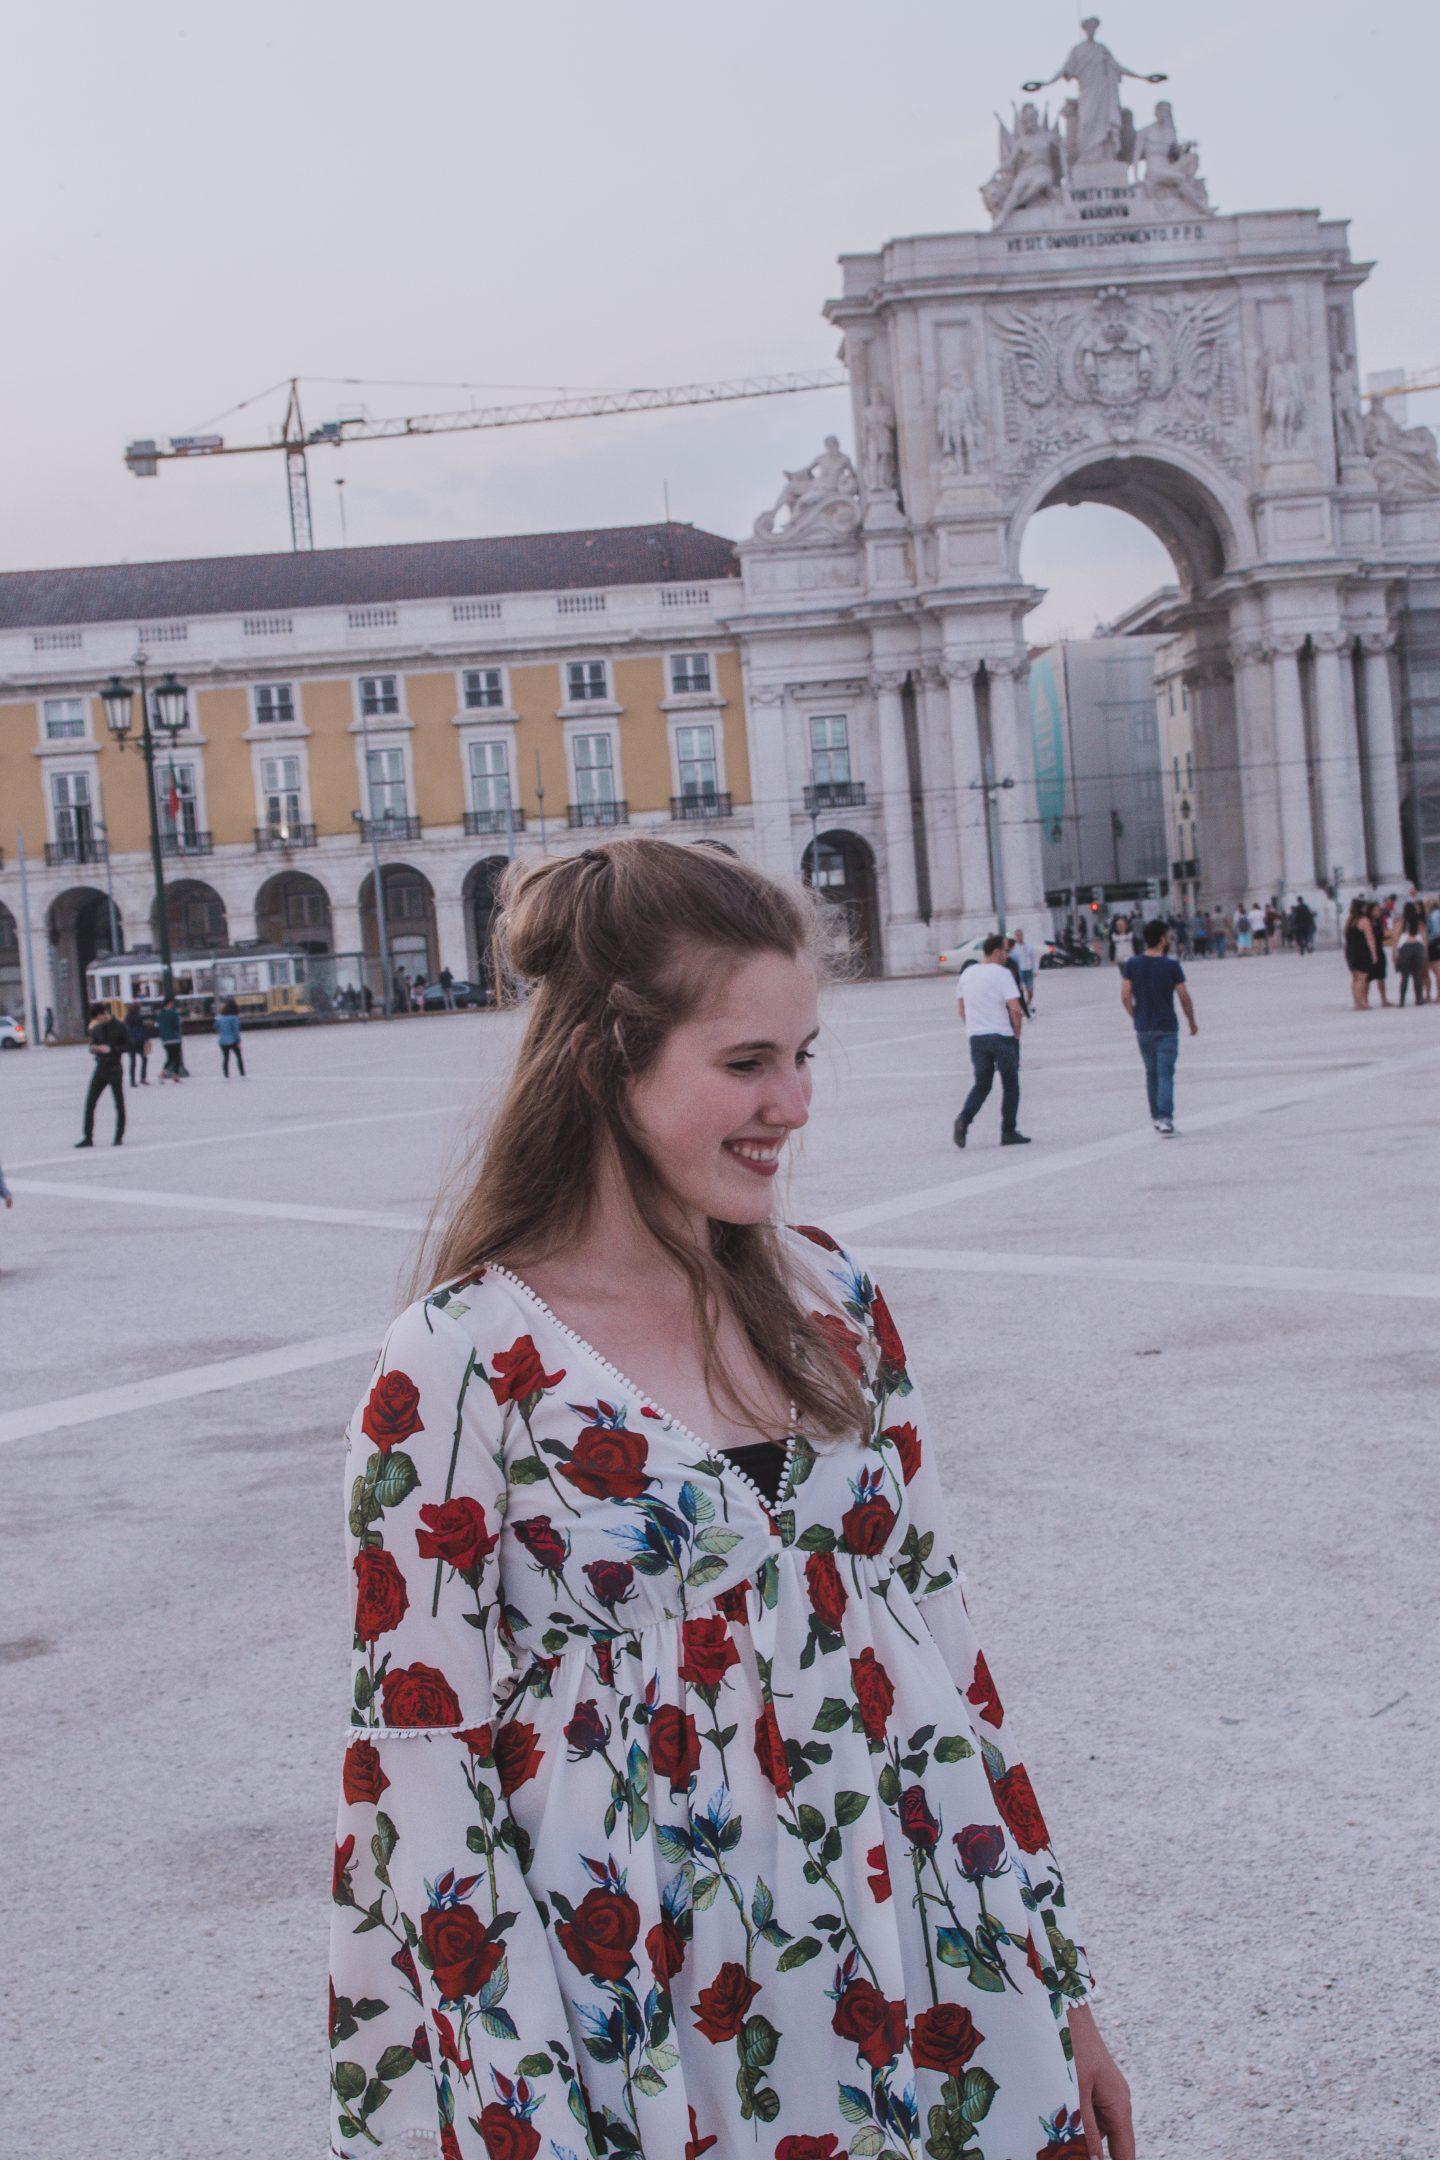 Just another flower dress |Lisbon